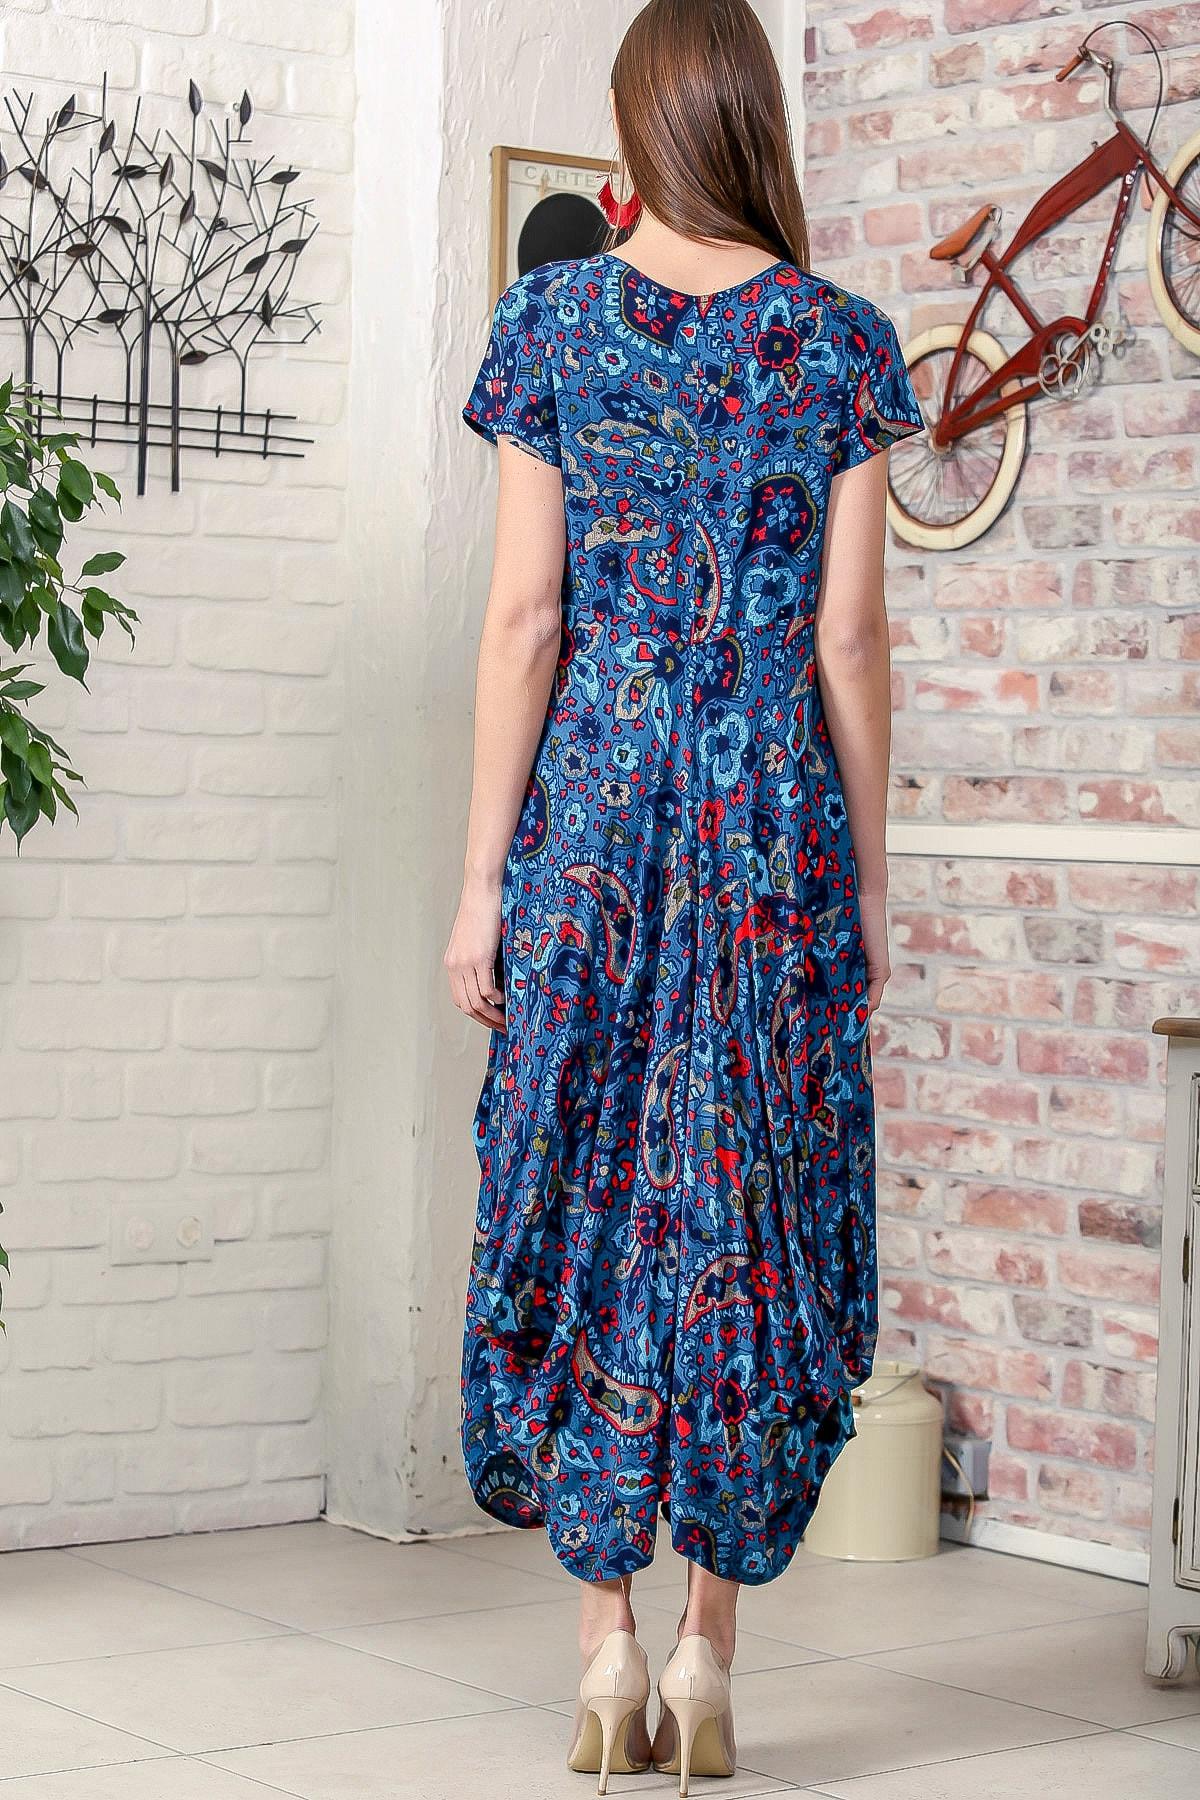 Chiccy Kadın Petrol Mavi Bohem Şal Desen Asimetrik Cepleri Püskül Detaylı Dokuma Elbise 4